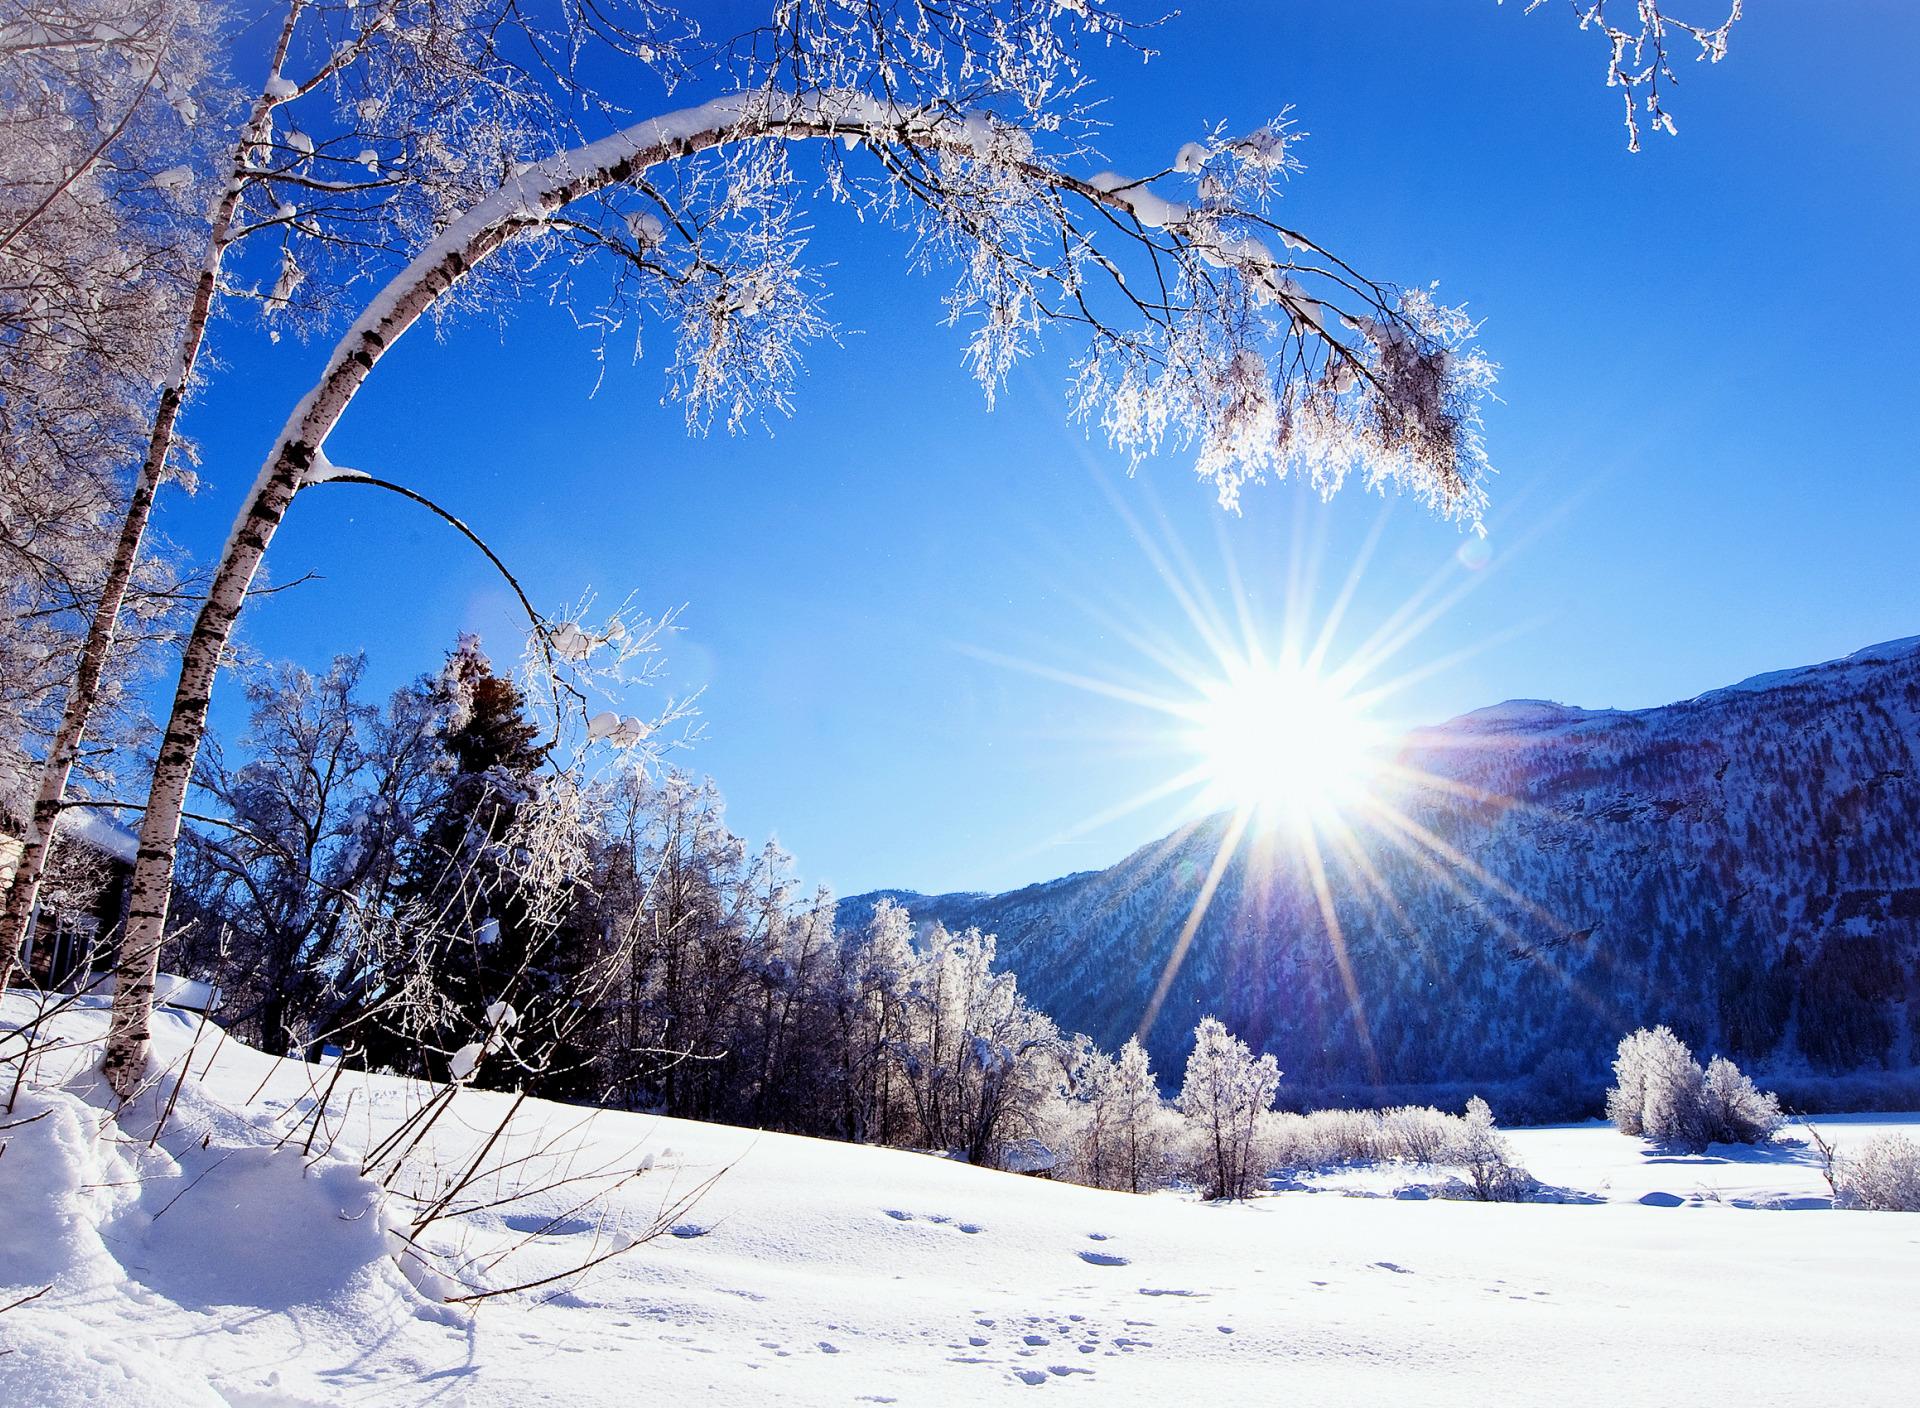 Праздником вдв, скоро зима картинки на рабочий стол